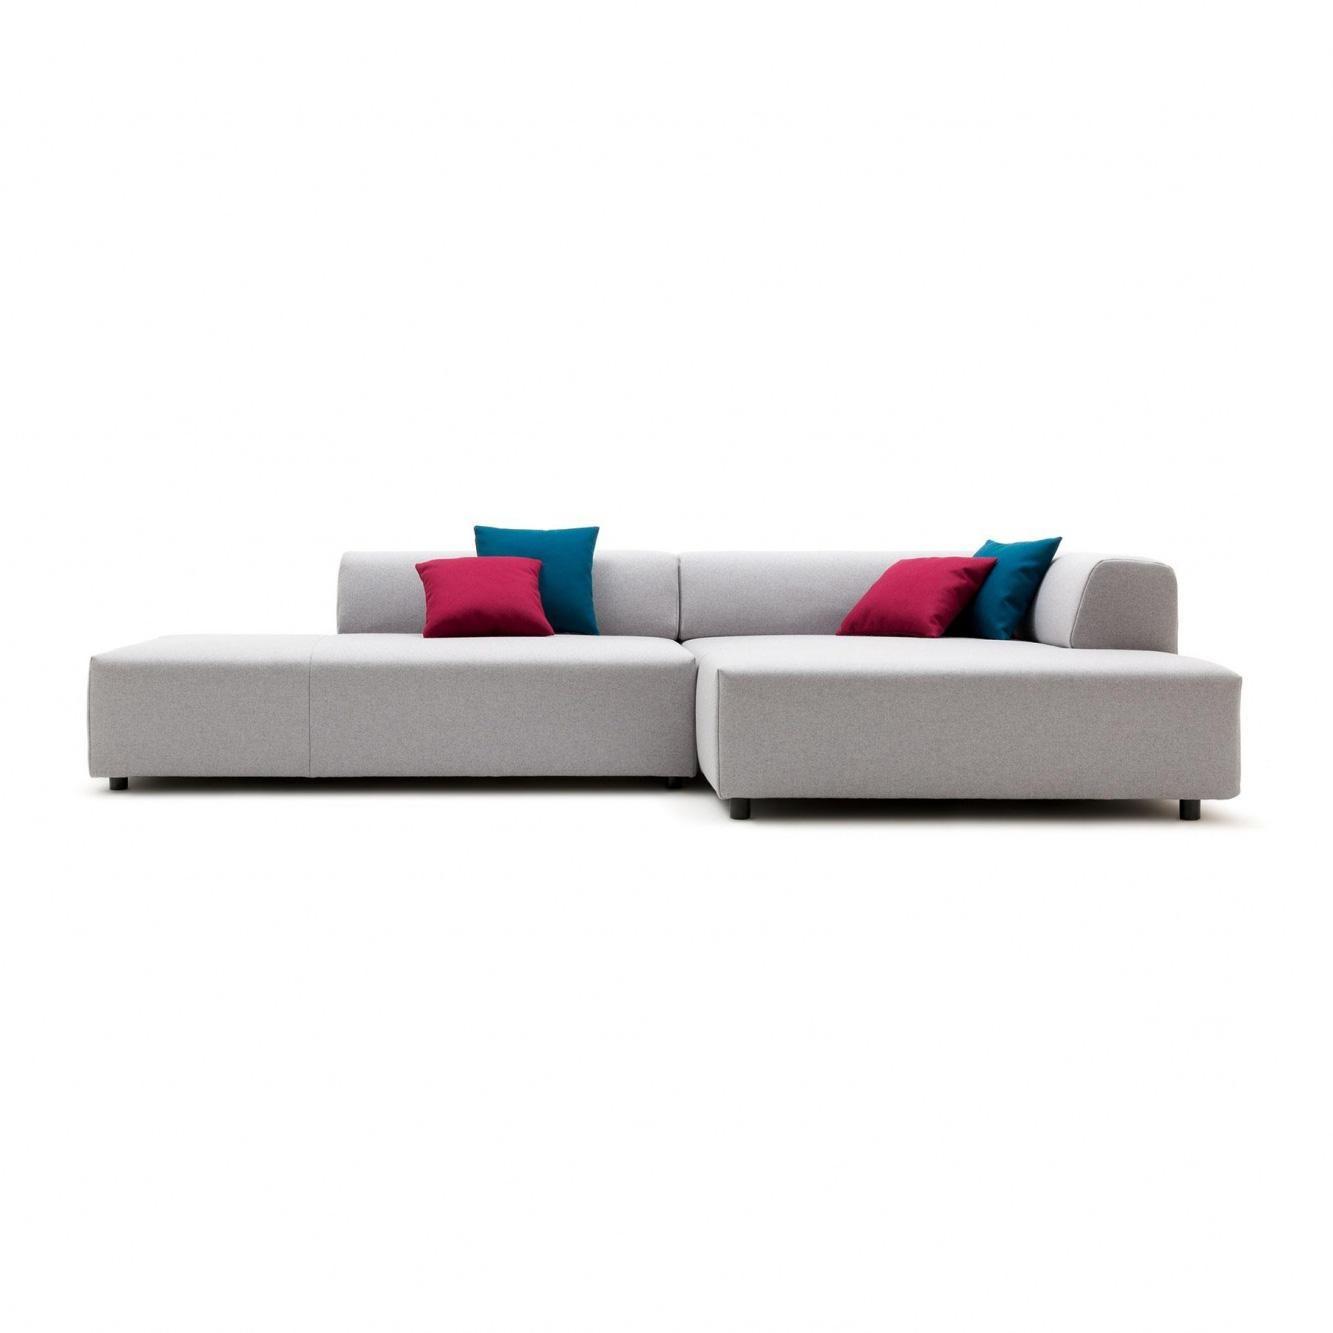 freistil Rolf Benz - freistil 184 - Canapé lounge 288x160cm - gris argent/étoffe 7405 (100 % laine vierge)/avec 4 coussins à 35x35cm enveloppe 74